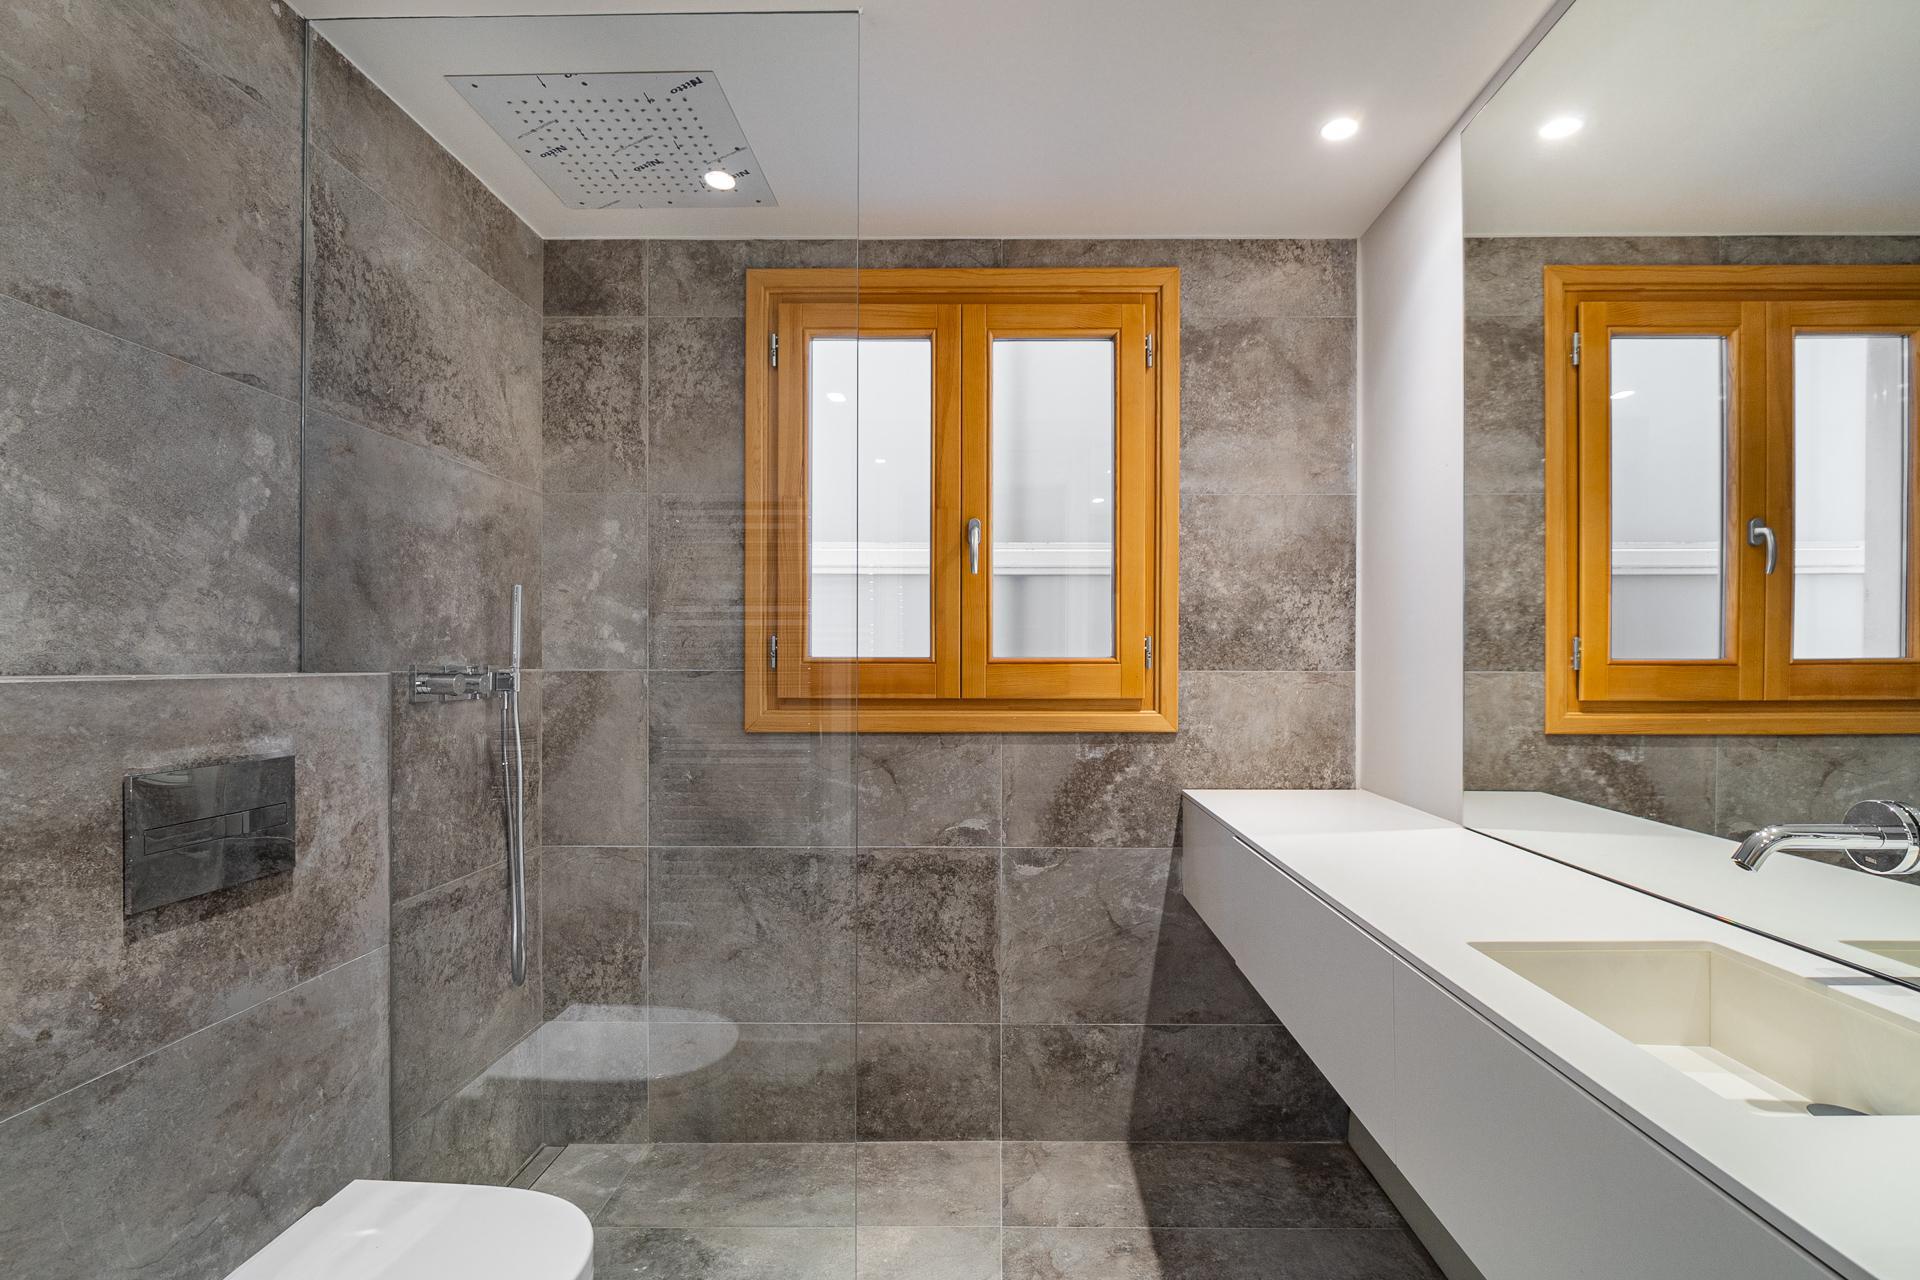 245902 Penthouse for sale in Ciutat Vella, St. Pere St. Caterina and La Ribera 12